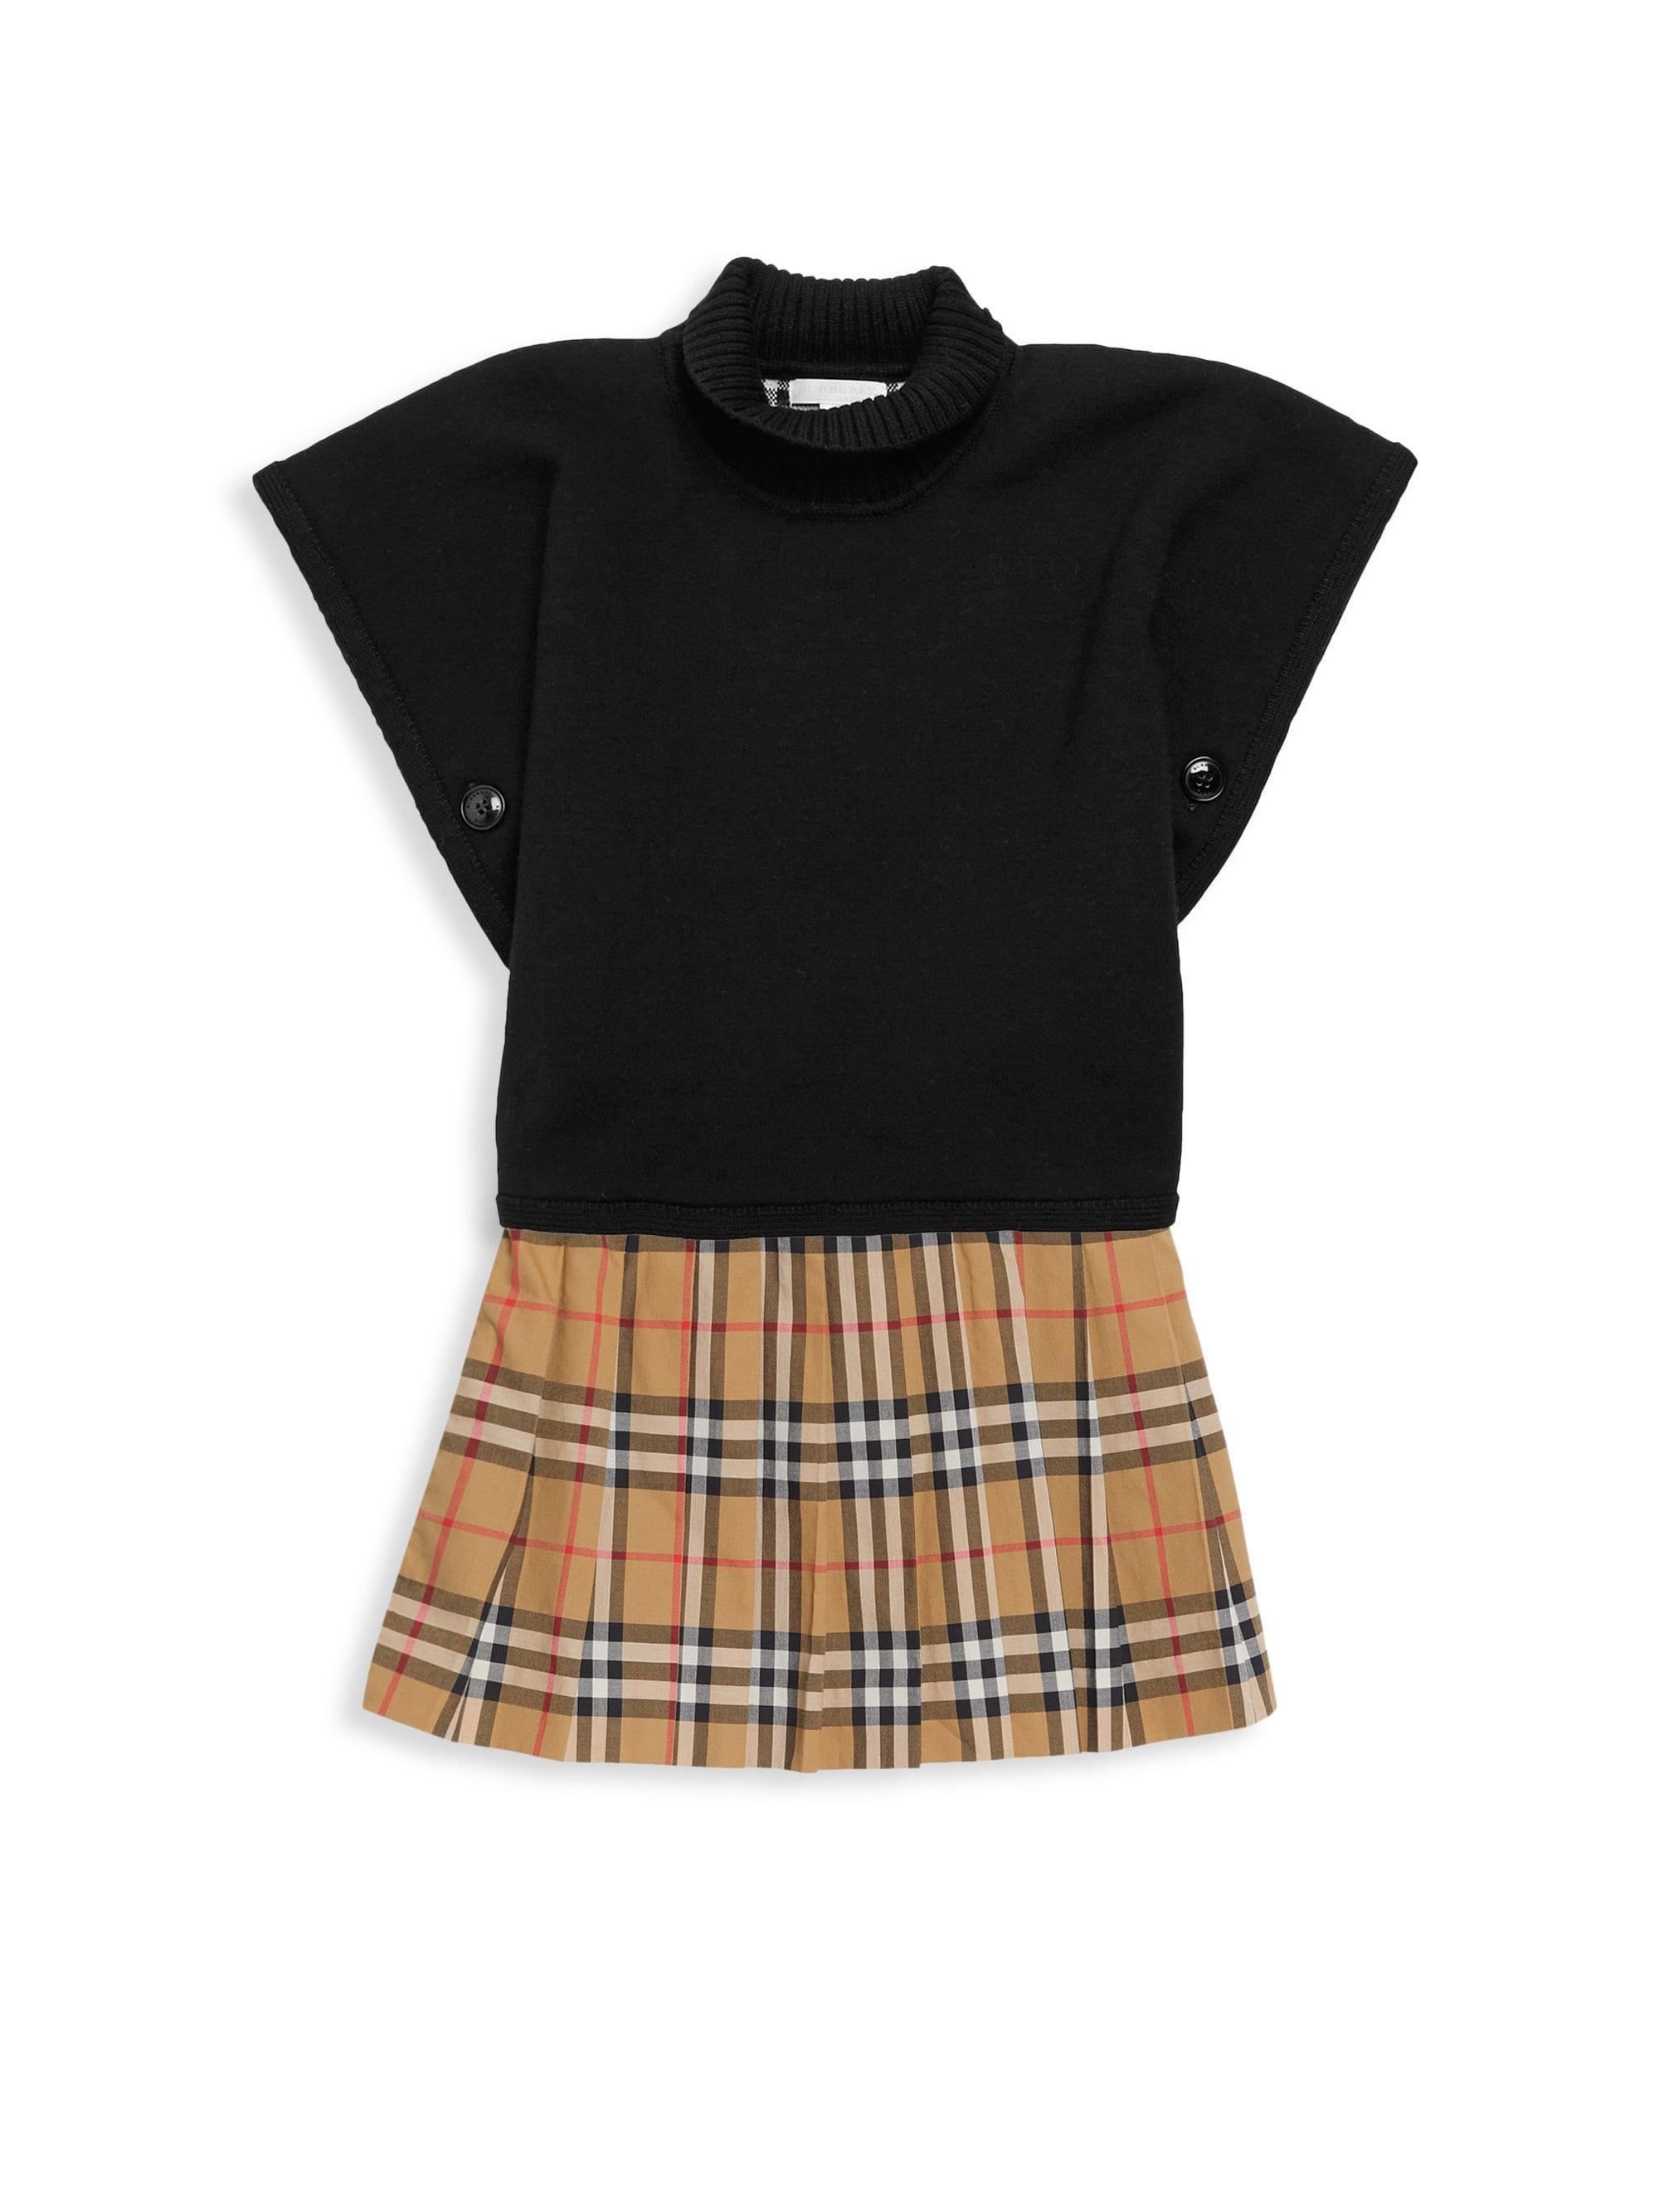 6a9286fcd Lyst - Burberry Little Girl's & Girl's Tartan A-line Skirt